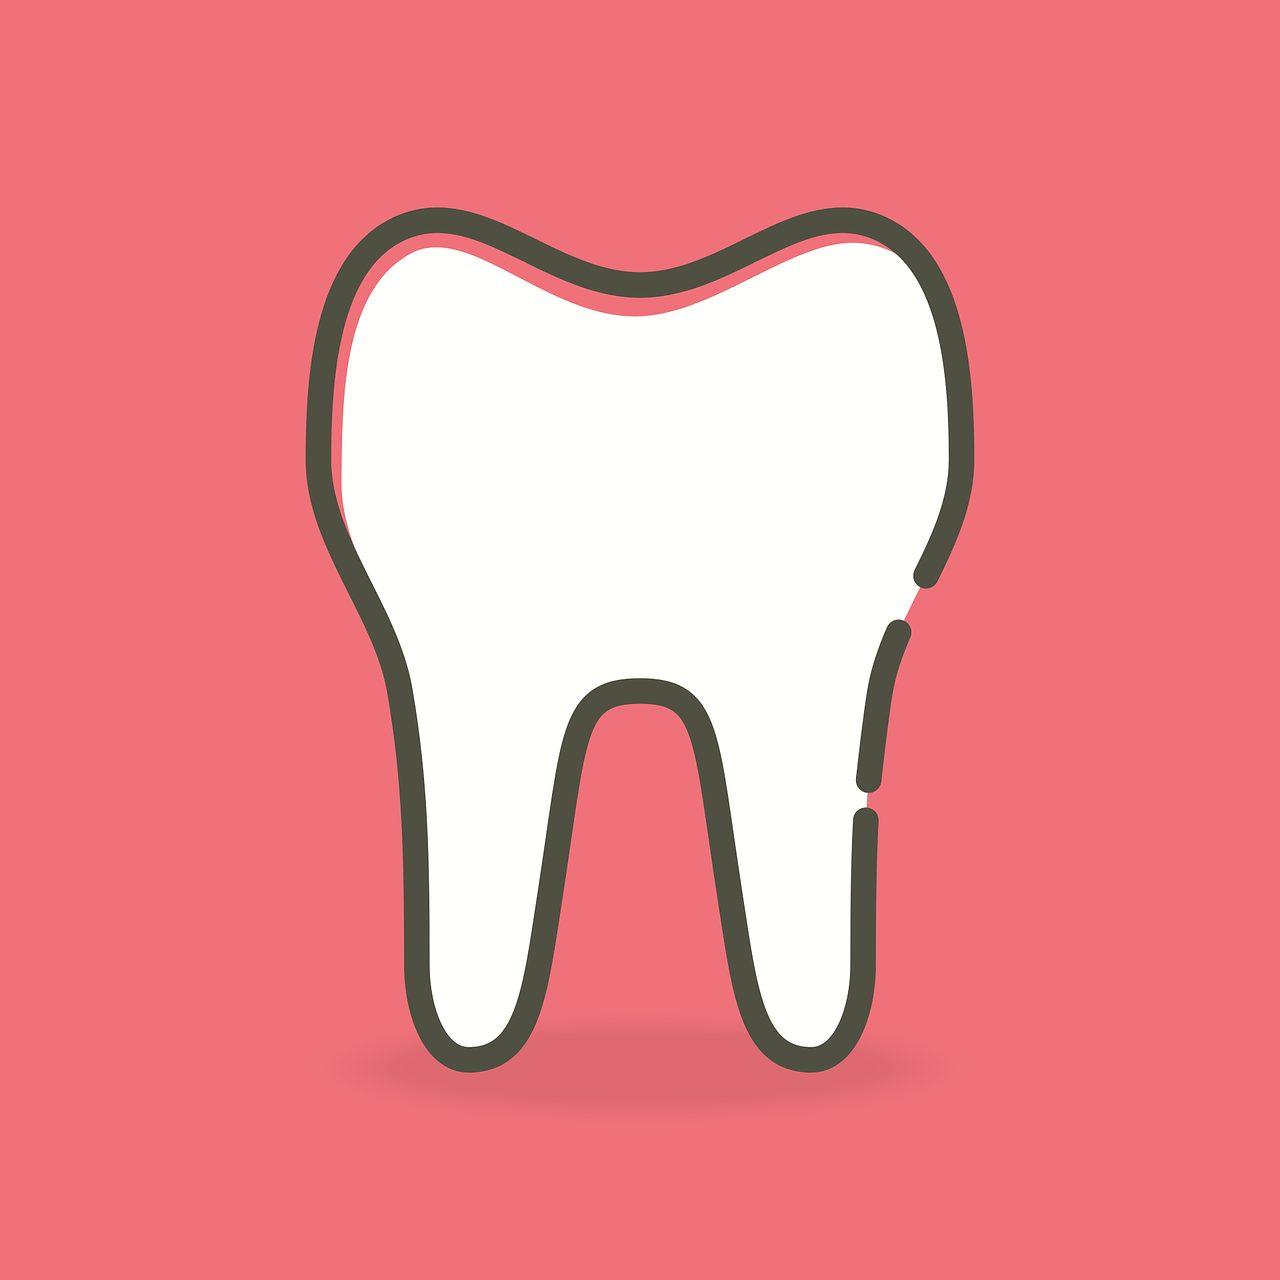 Tandartspraktijk M A M Geraeds tandarts lachgas